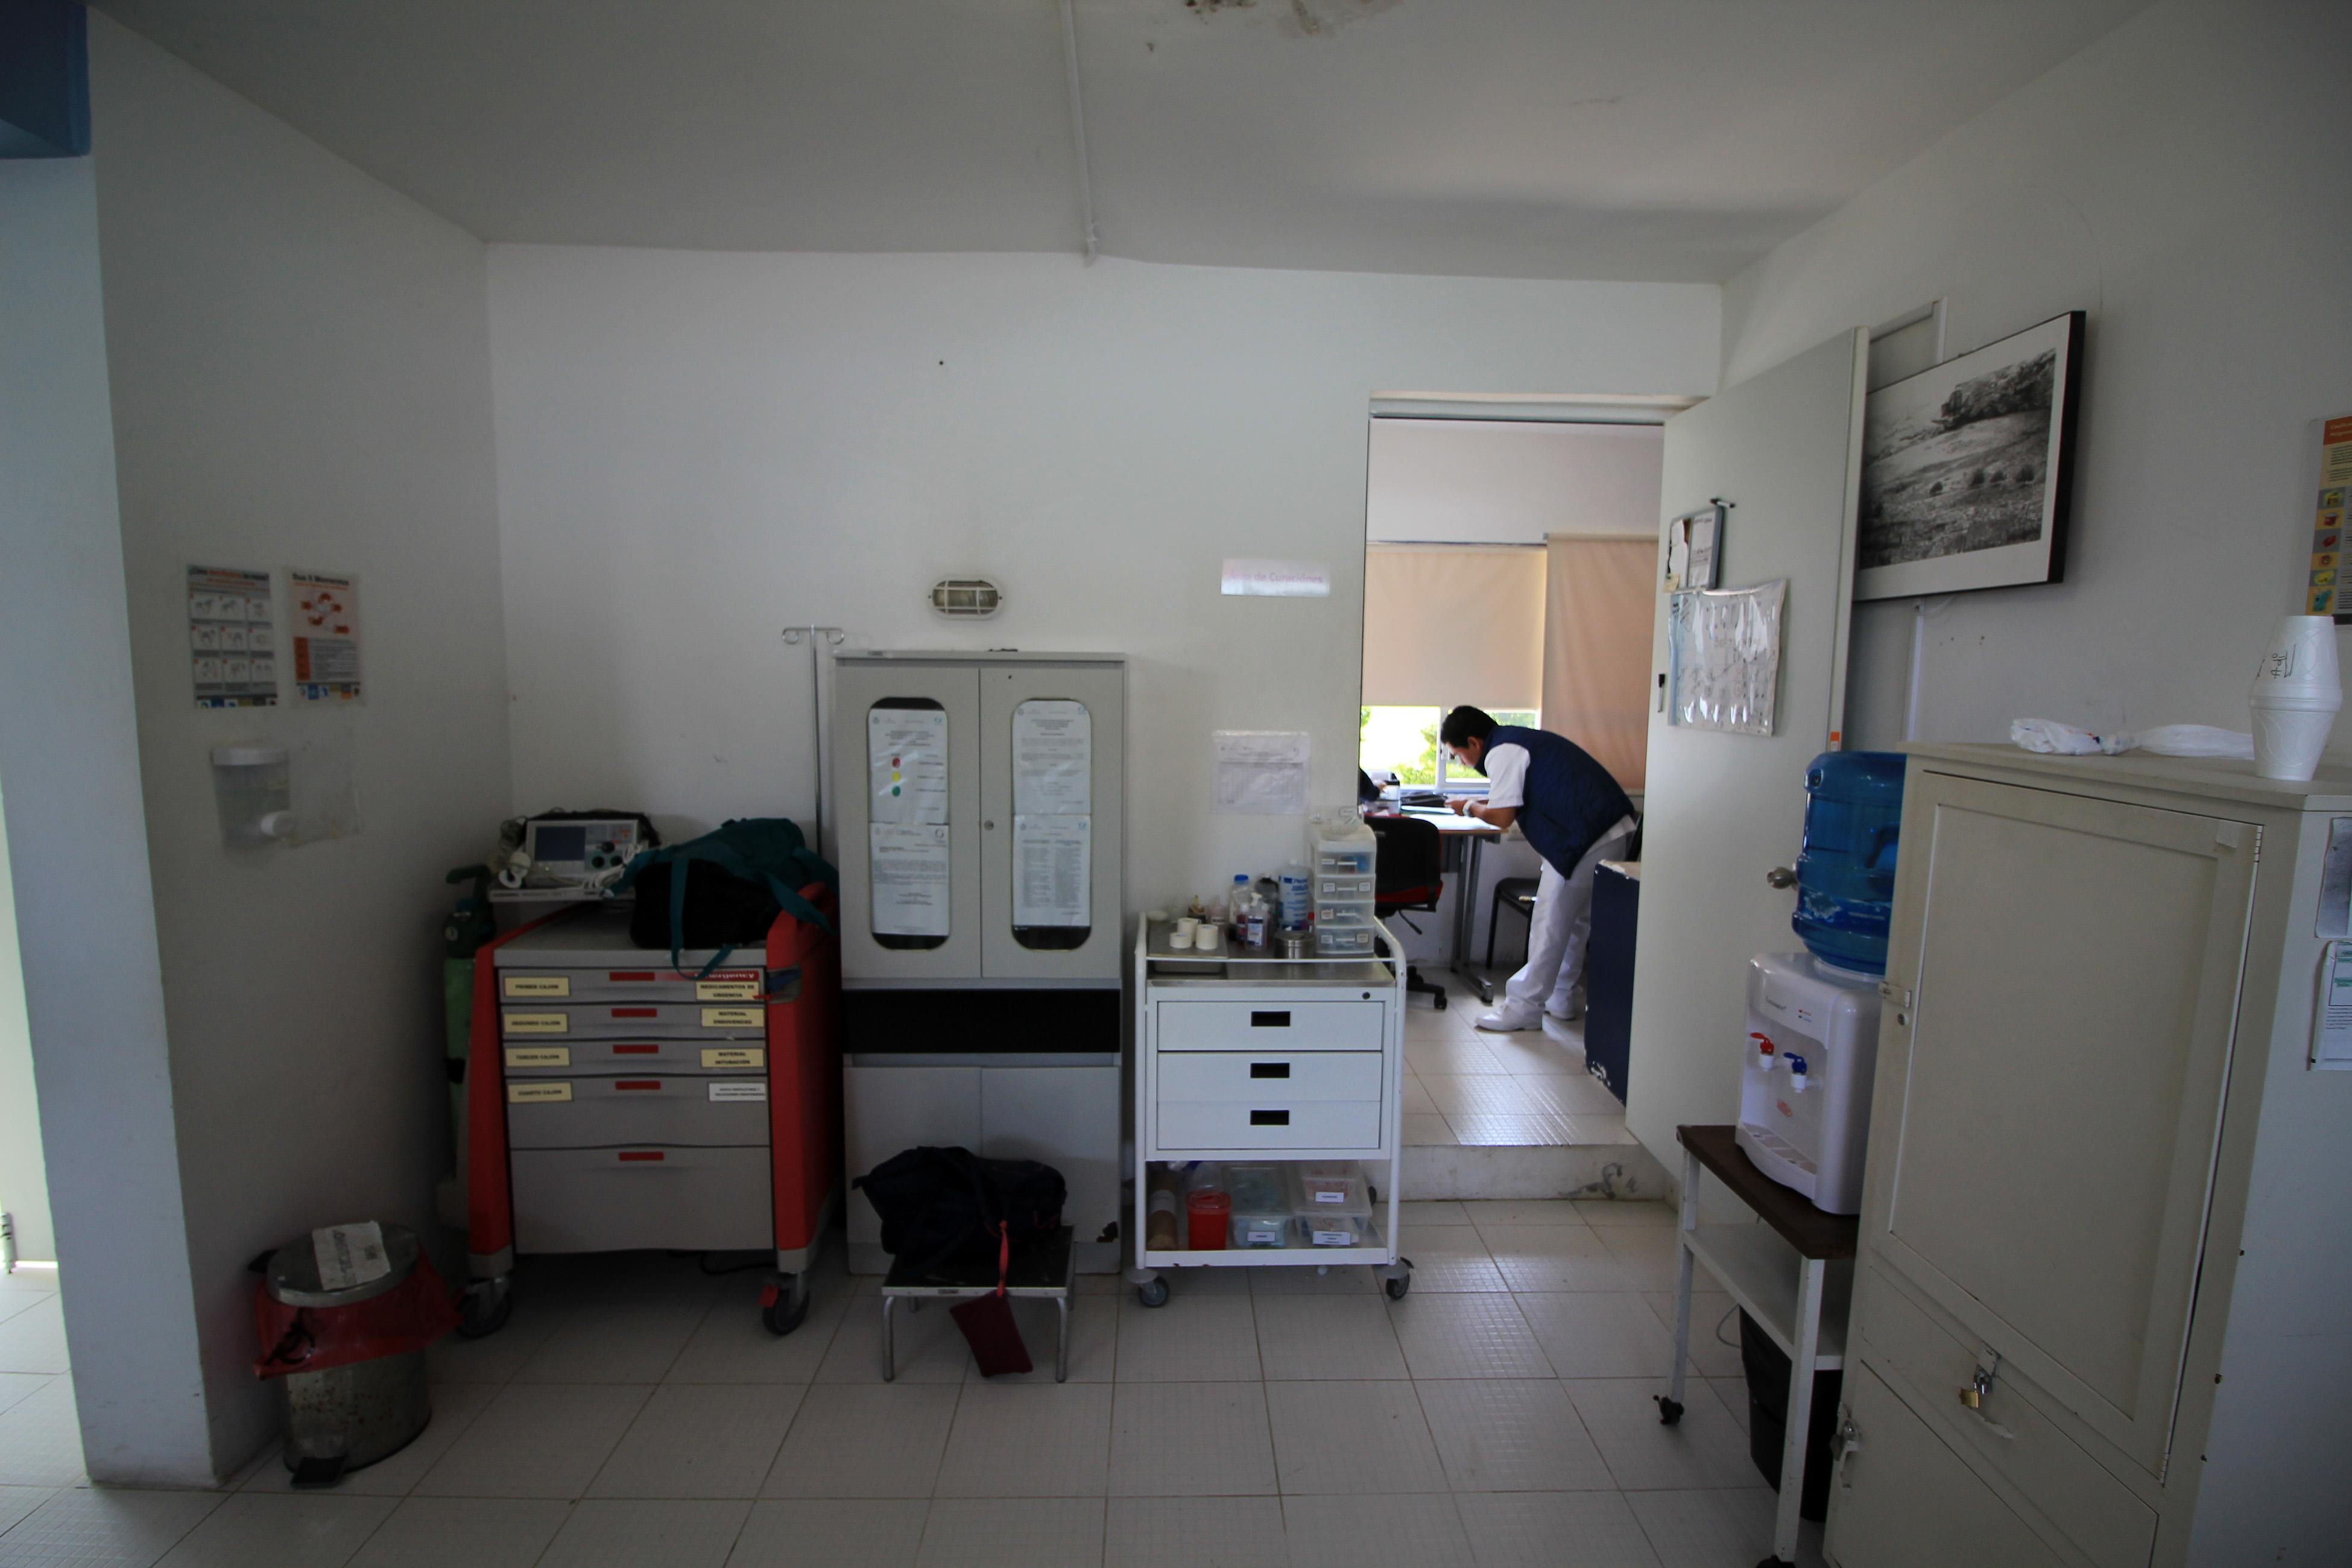 Dos muertos y 12 menores hospitalizados por brote de infección en Coxquihui